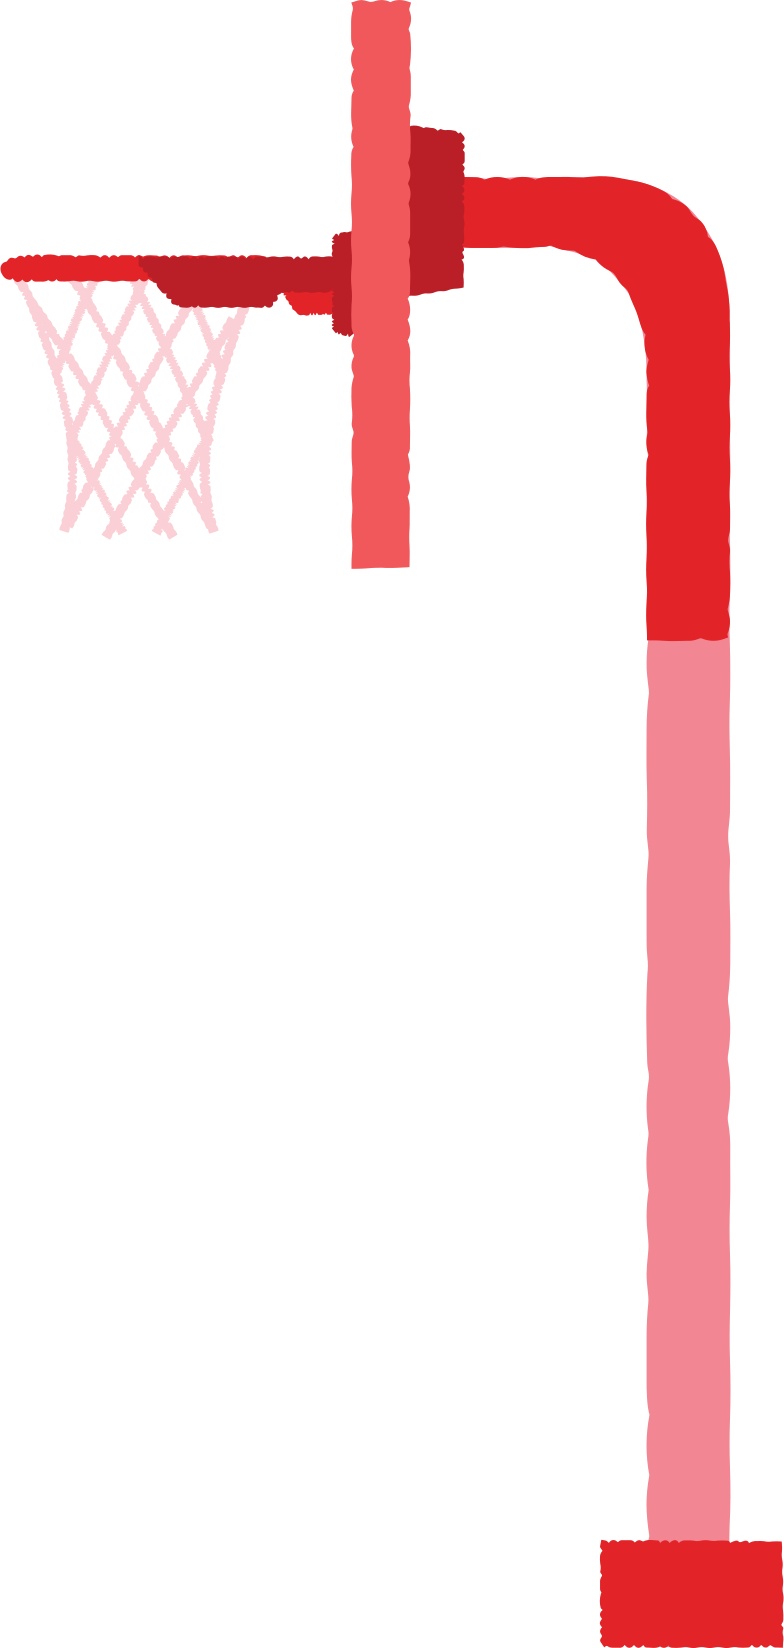 basketball-basket Clipart illustration in PNG, SVG